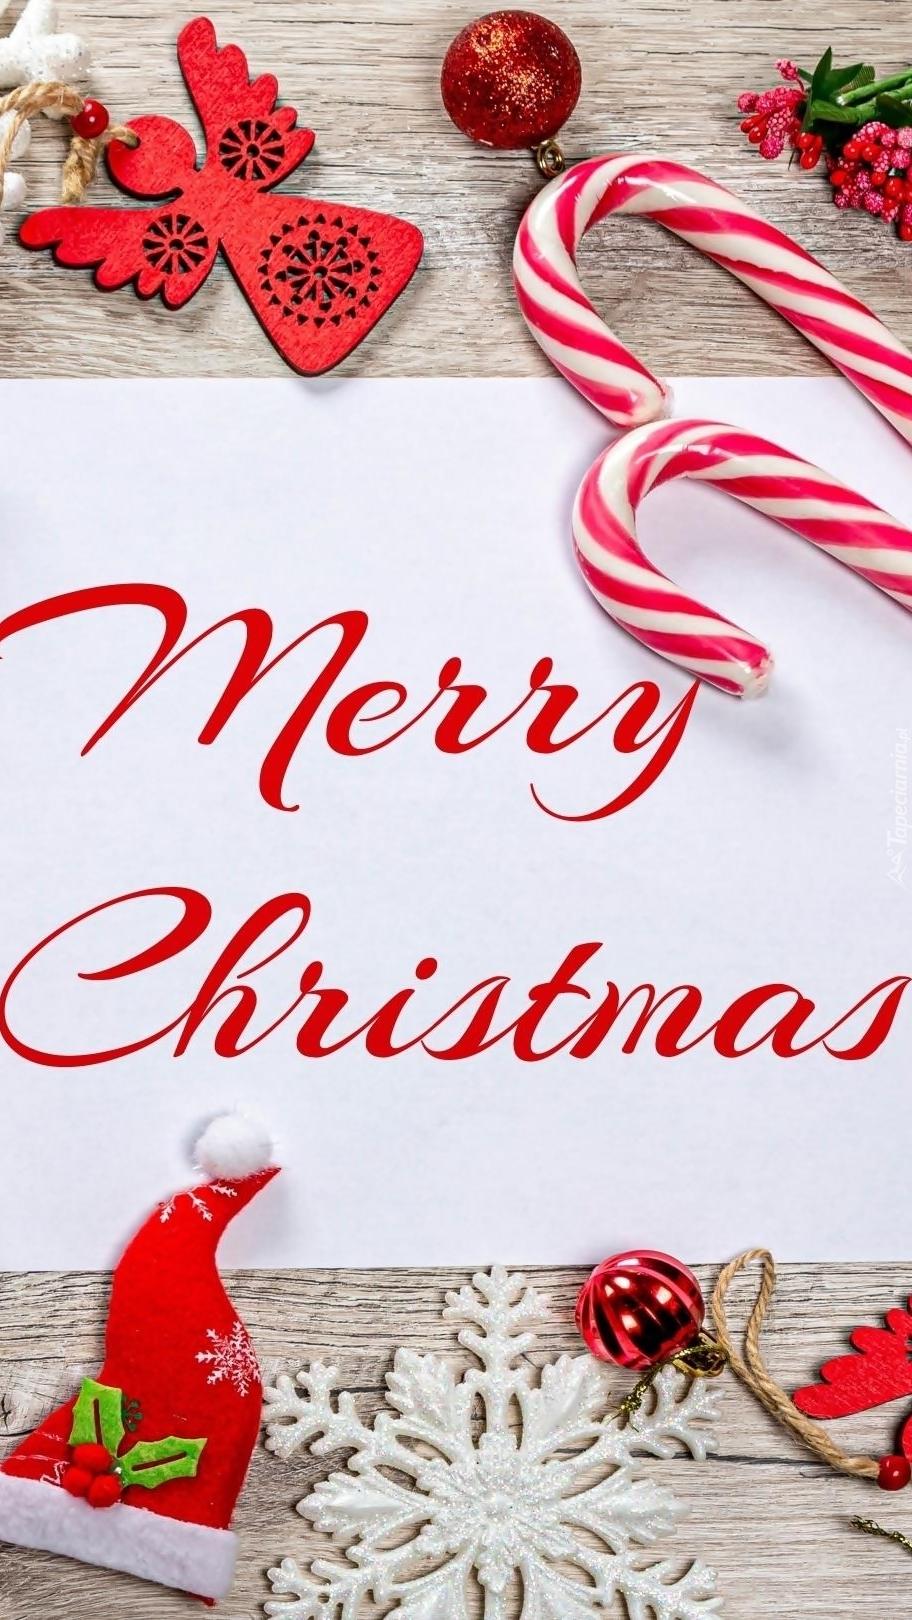 Kartka z życzeniami świątecznymi wśród ozdób